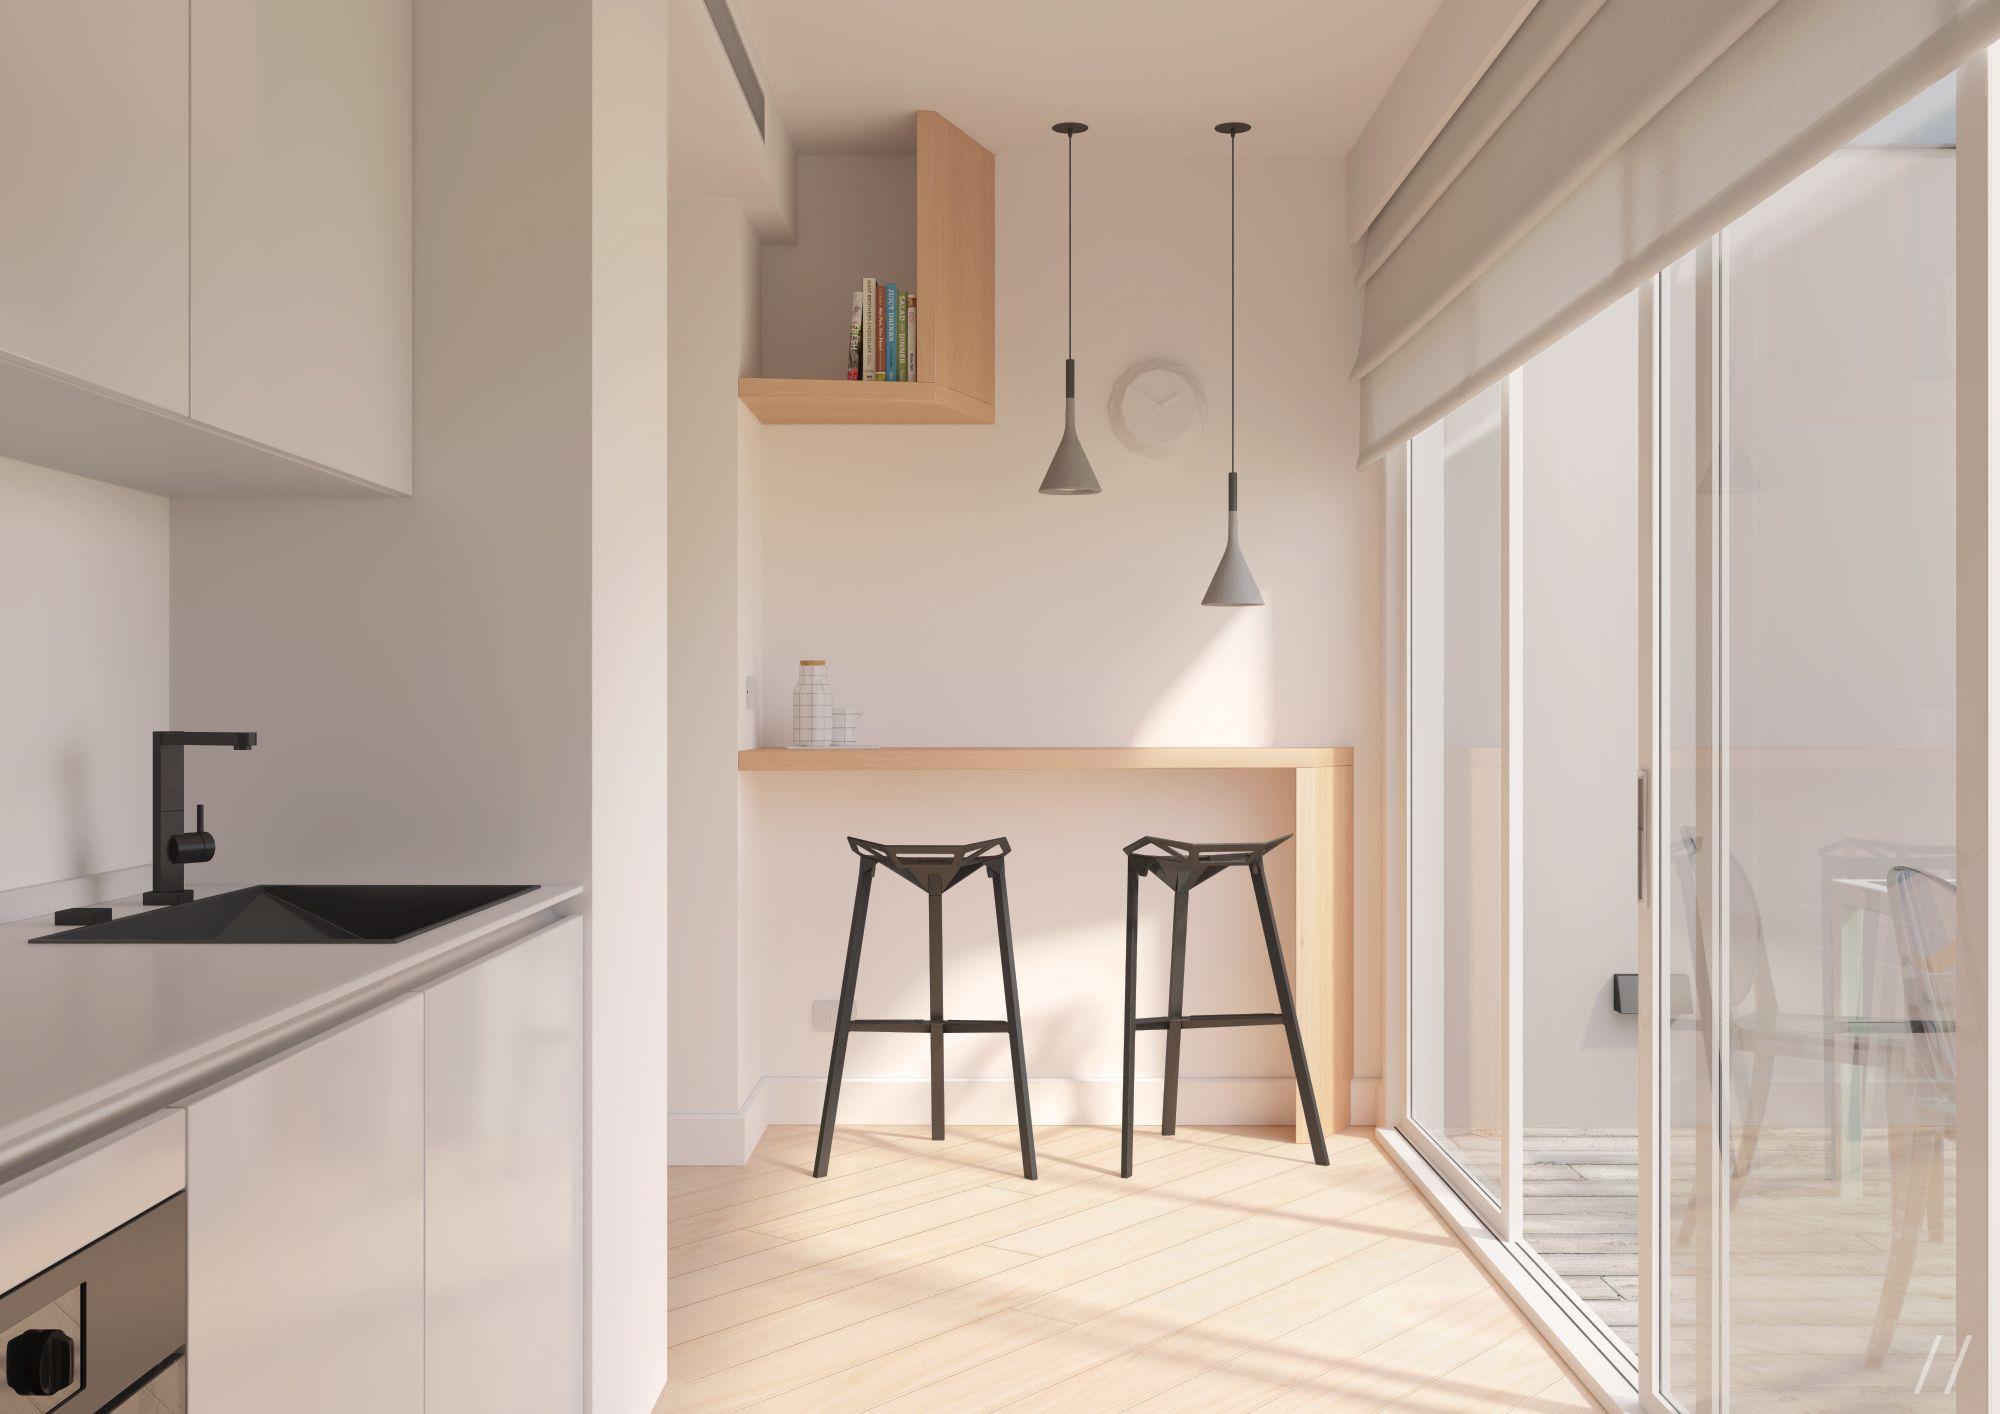 livingroom living interior design rochebobois. Black Bedroom Furniture Sets. Home Design Ideas